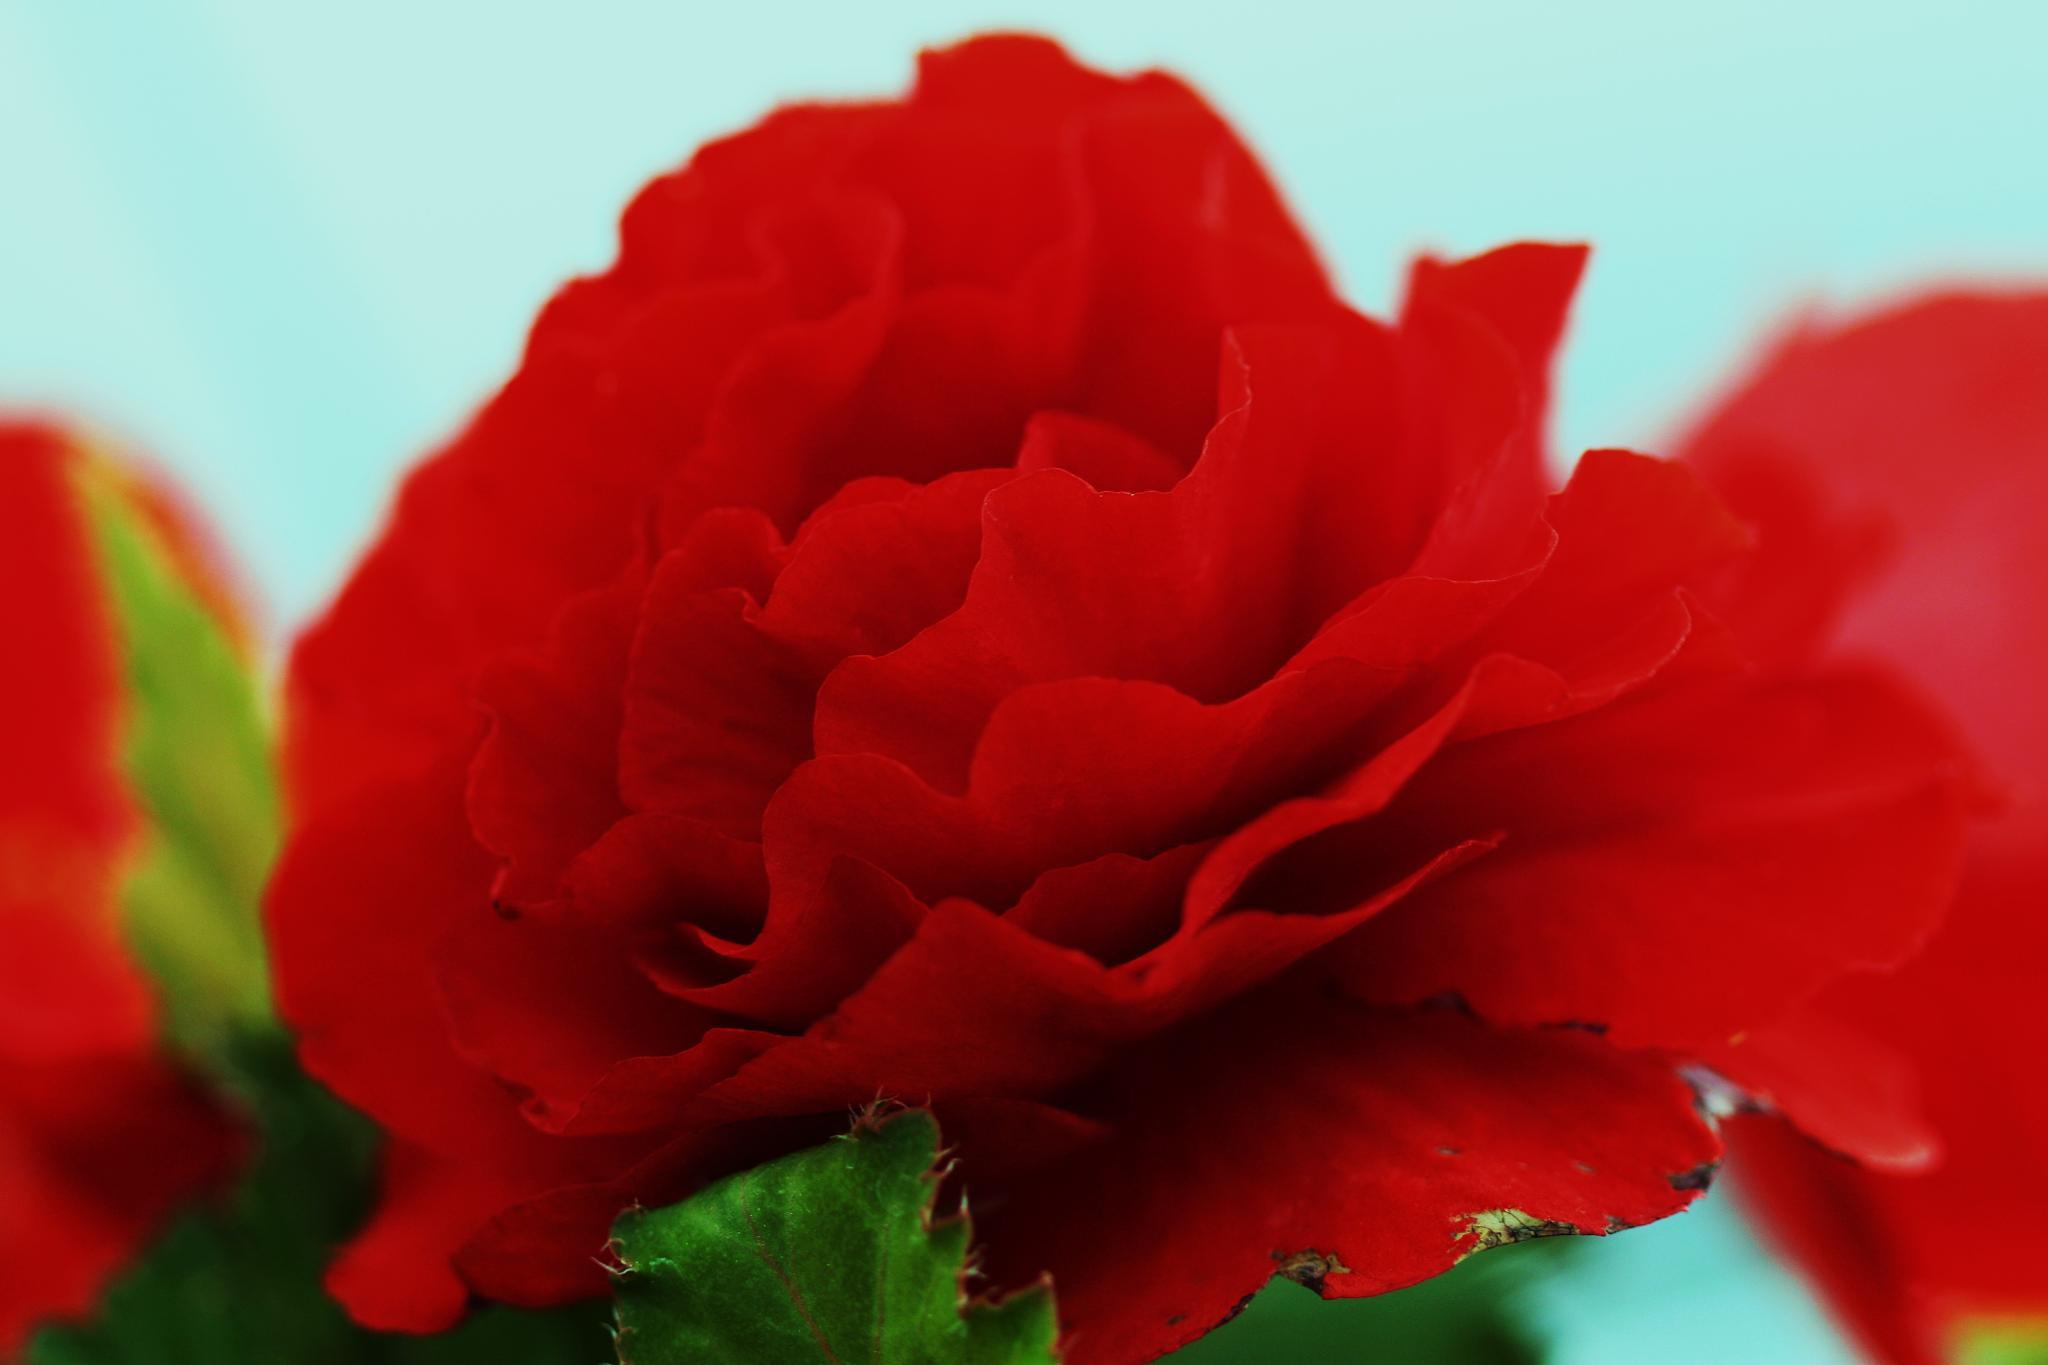 wavy petals by cindy.martin.7503